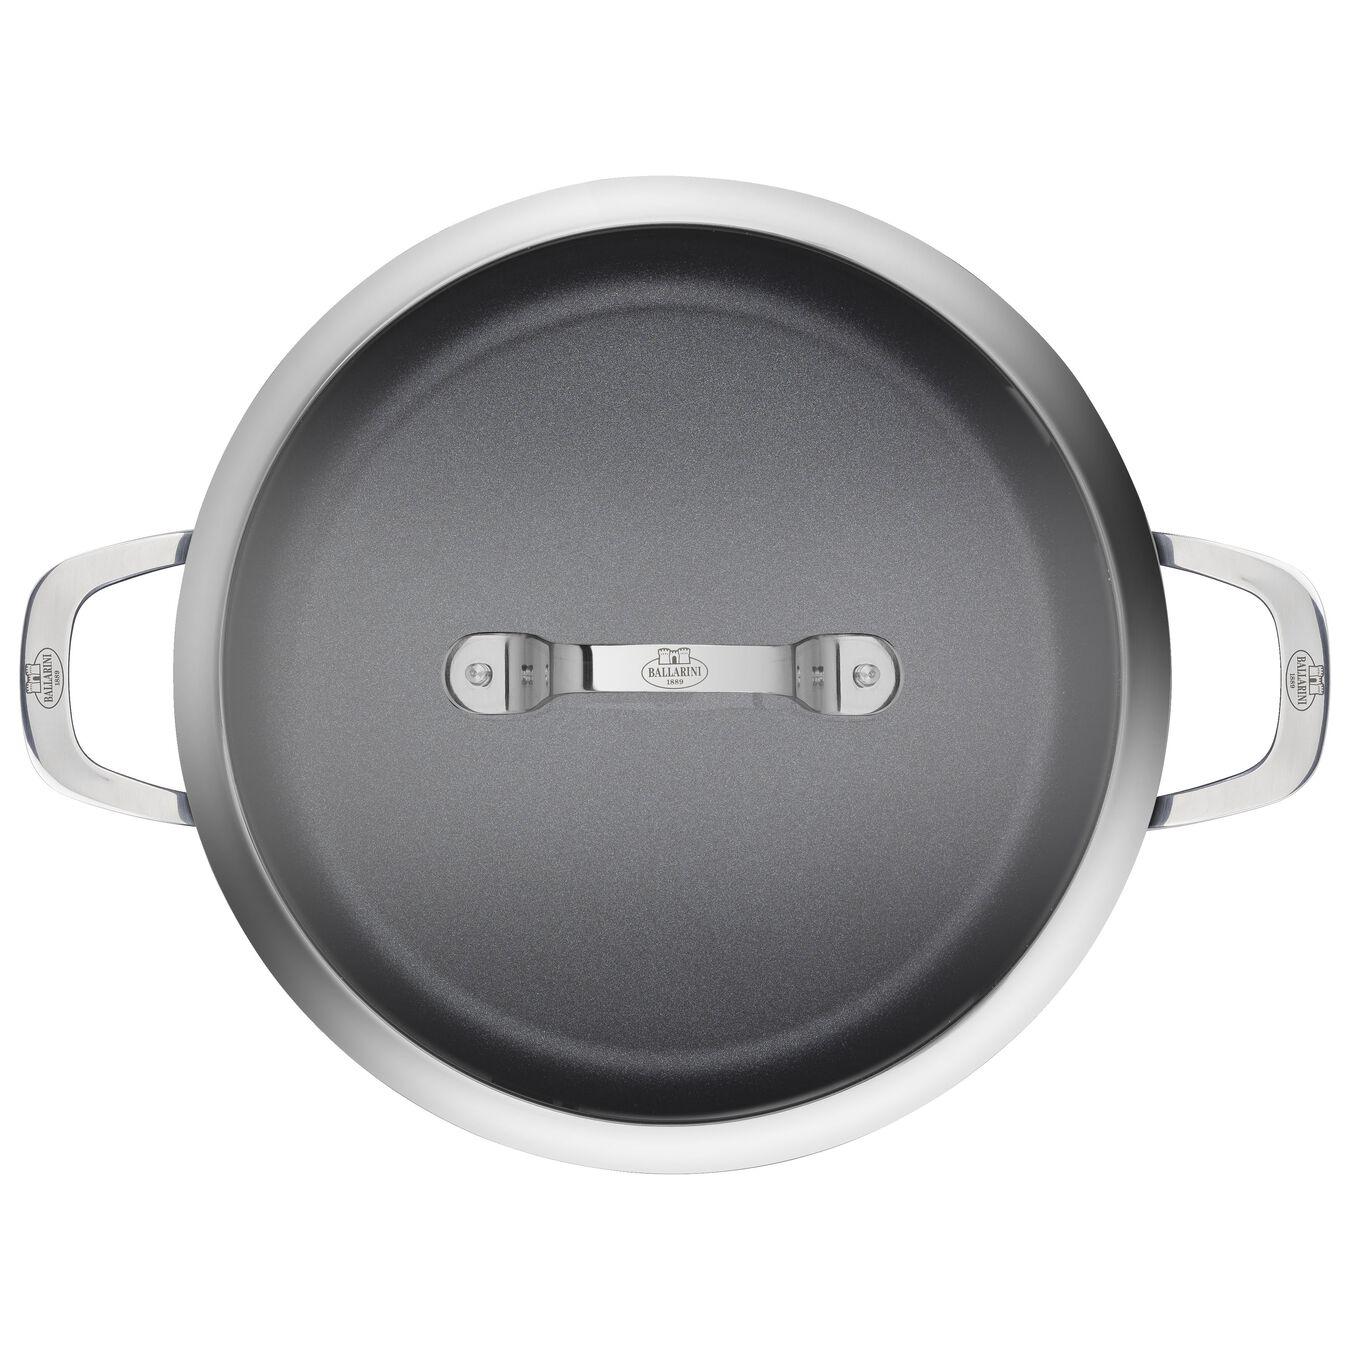 Servierpfanne, rund | PTFE,,large 5